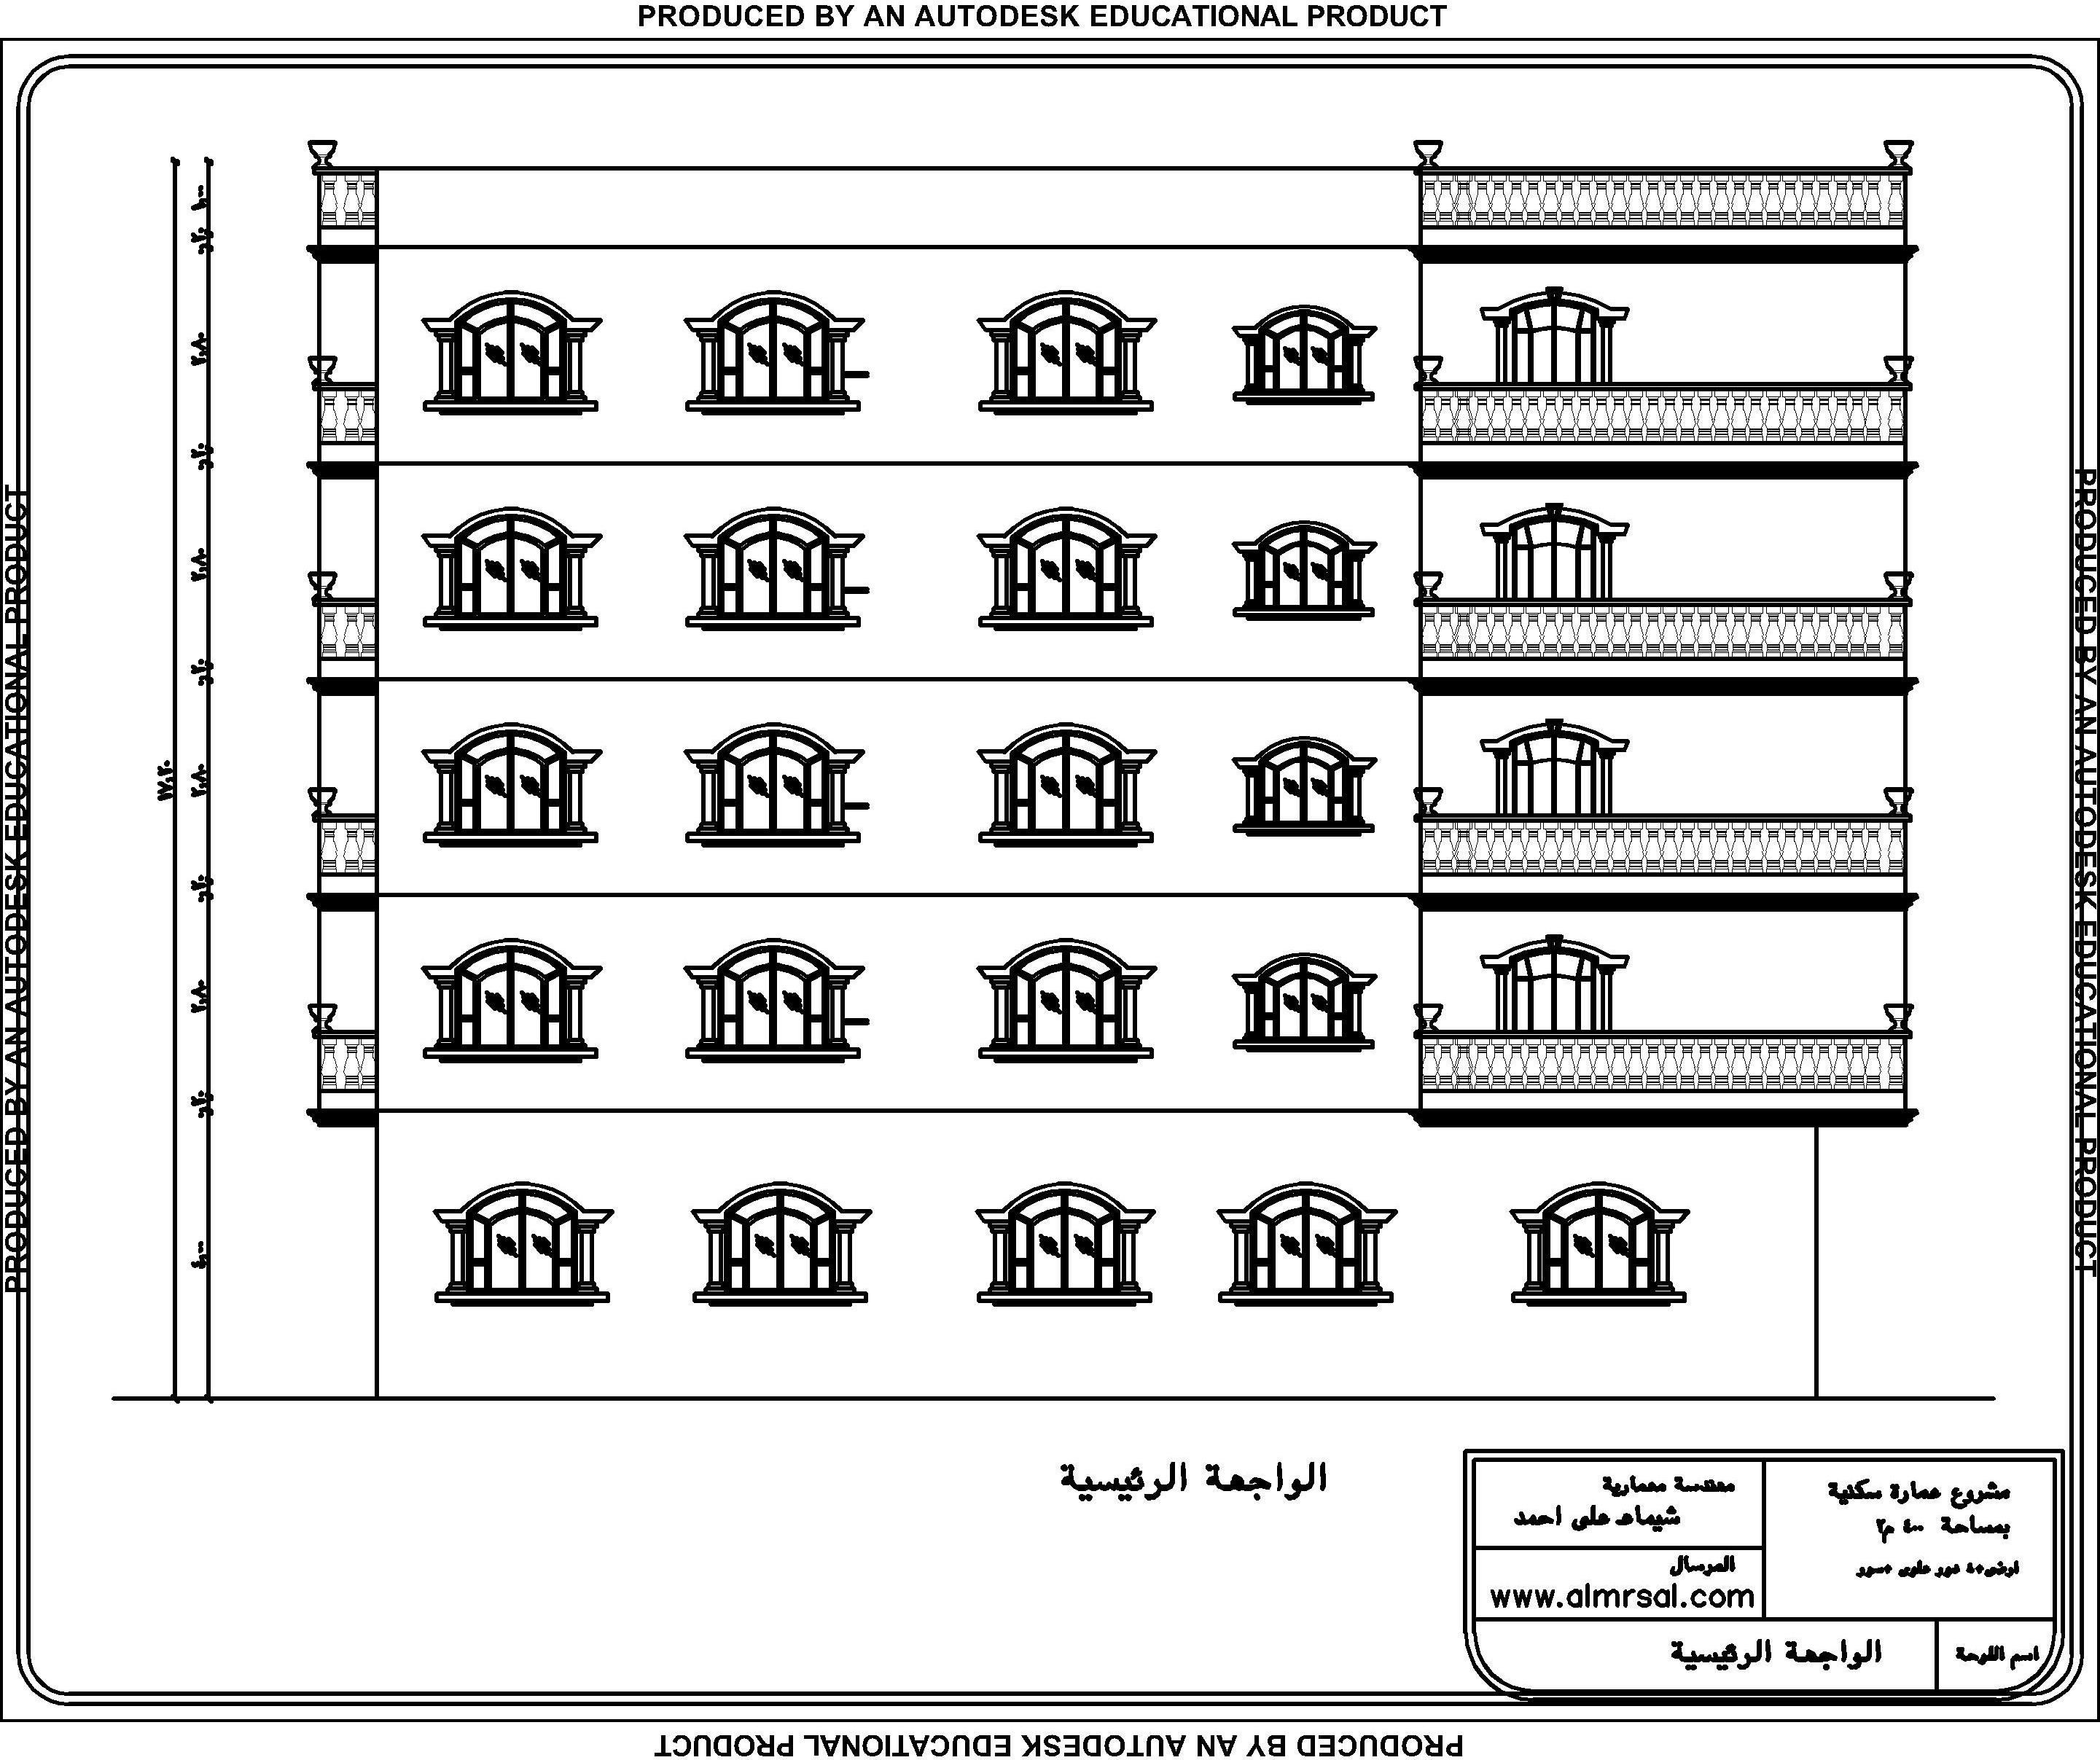 مخططات لعمارة سكنية بمساحة 400 متر مربع شقتين المرسال